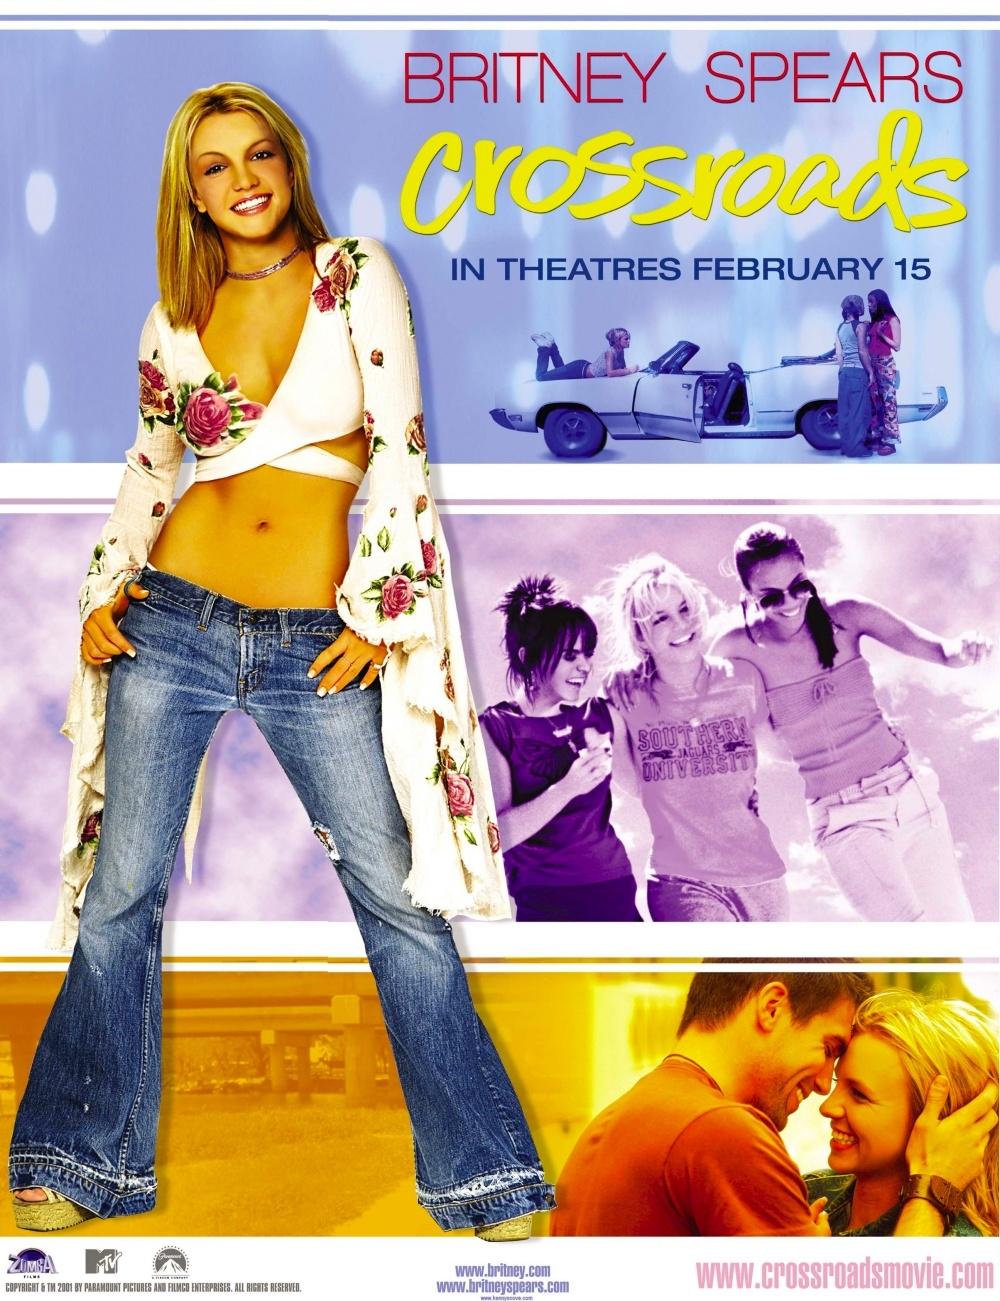 Crossroads (2002) | Moviepedia | Fandom powered by Wikia Kim Cattrall Wiki